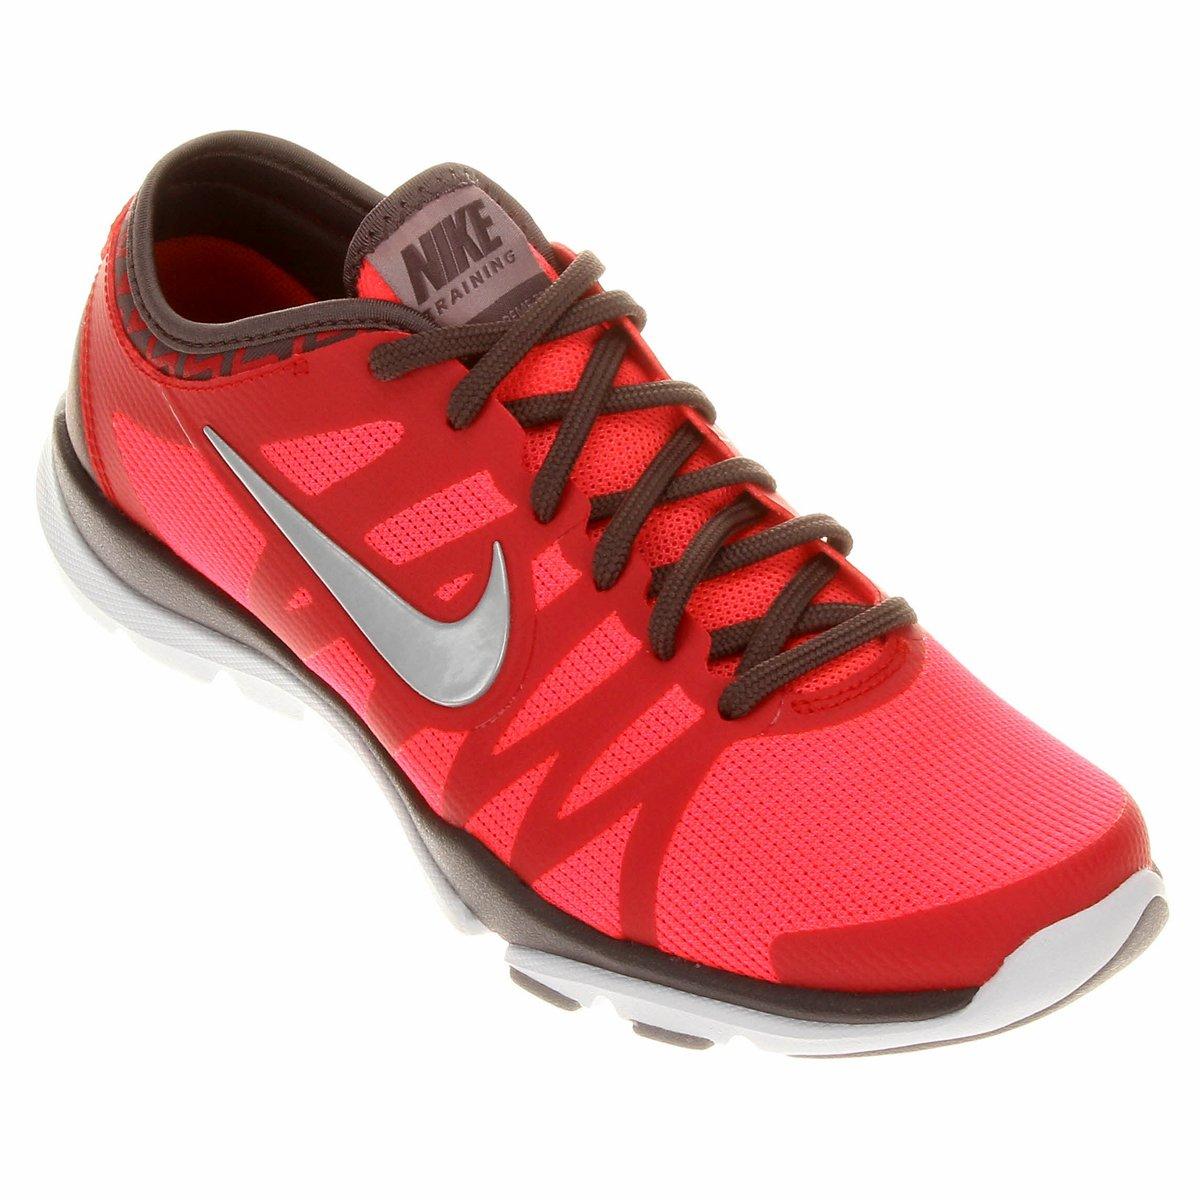 new concept d4885 be736 Tênis Nike Flex Supreme TR 3 Feminino - Compre Agora  Loja d